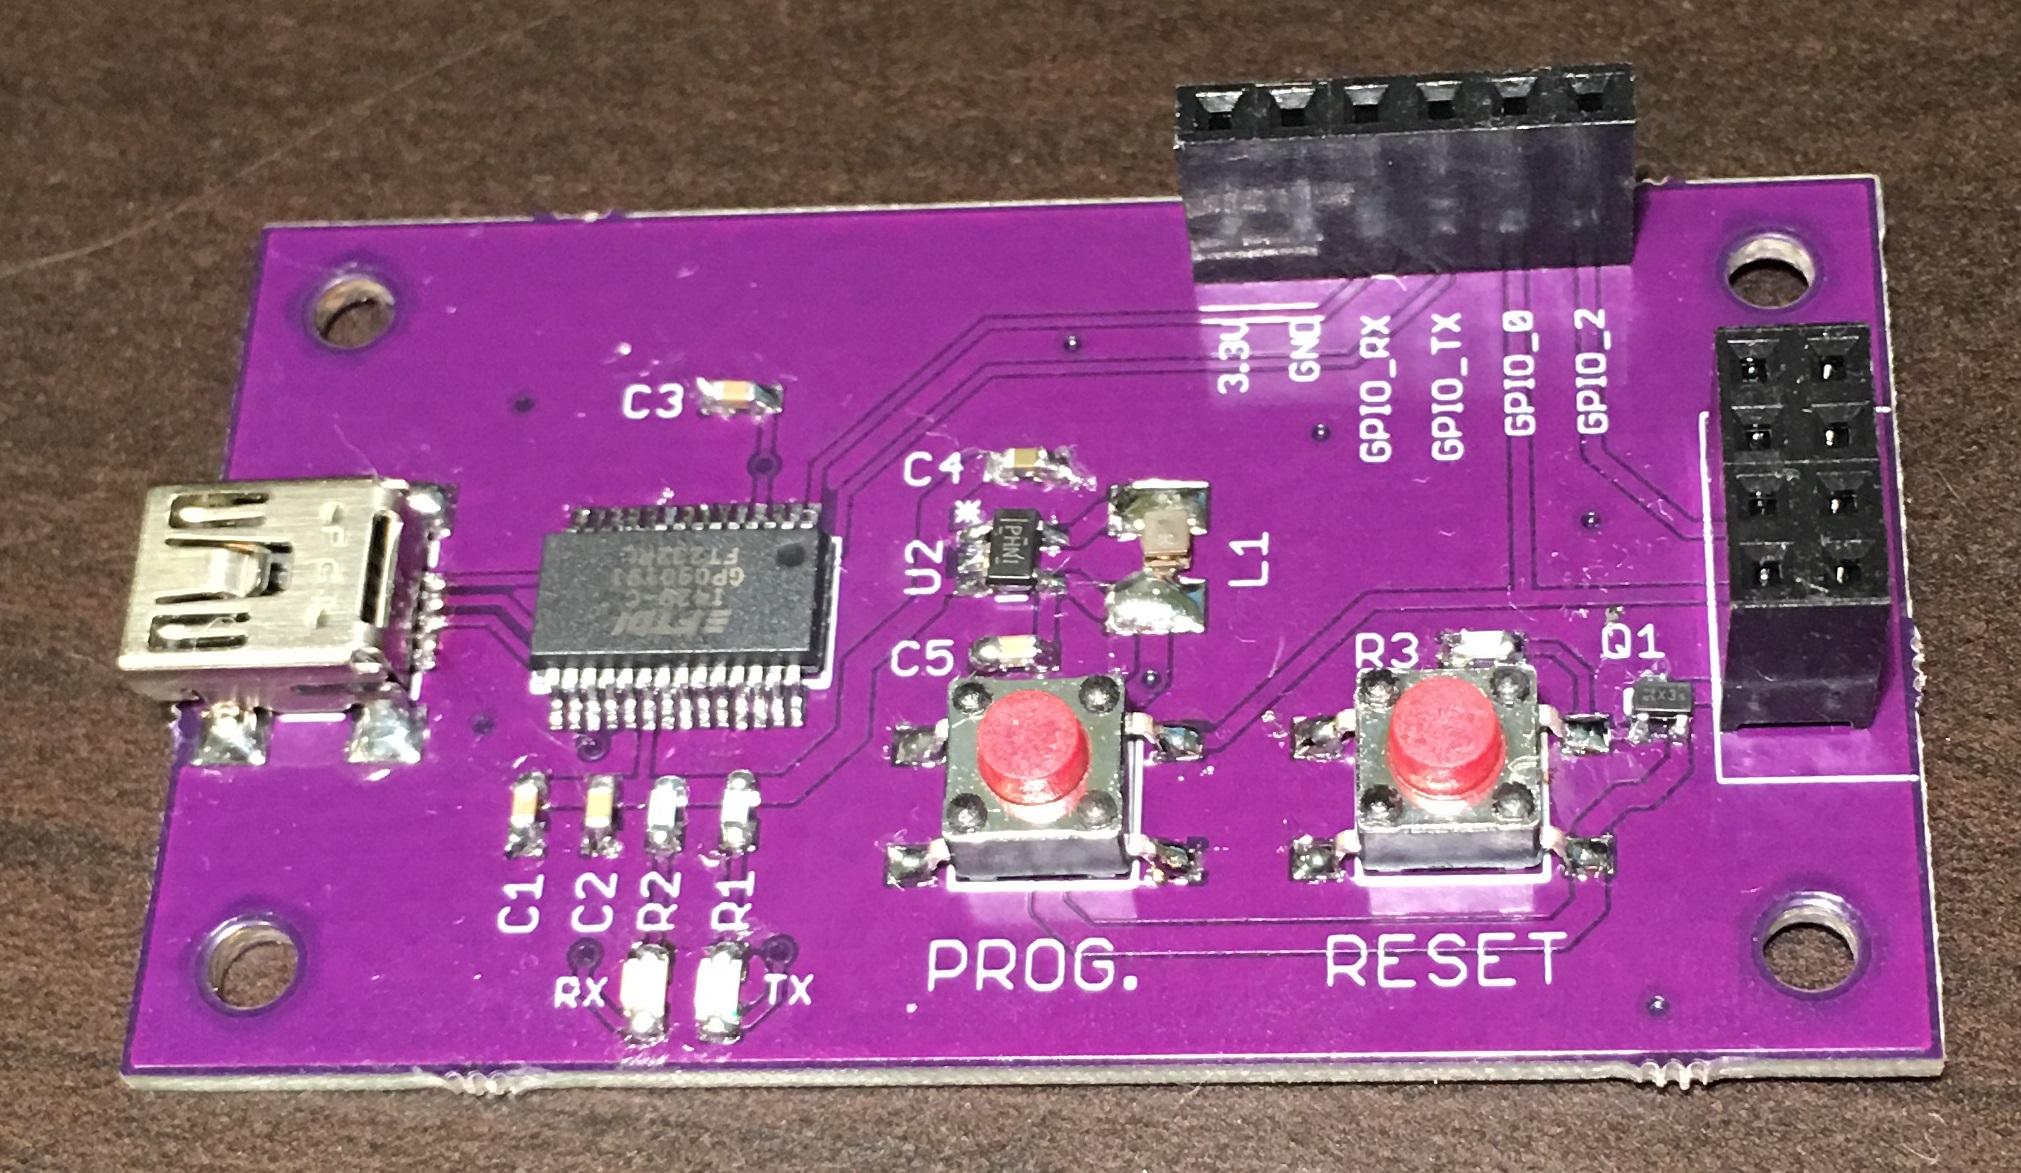 Alex Wende Electrical Engineer Magneticfieldsensor Electronicslab Esp 01 Programmer Front